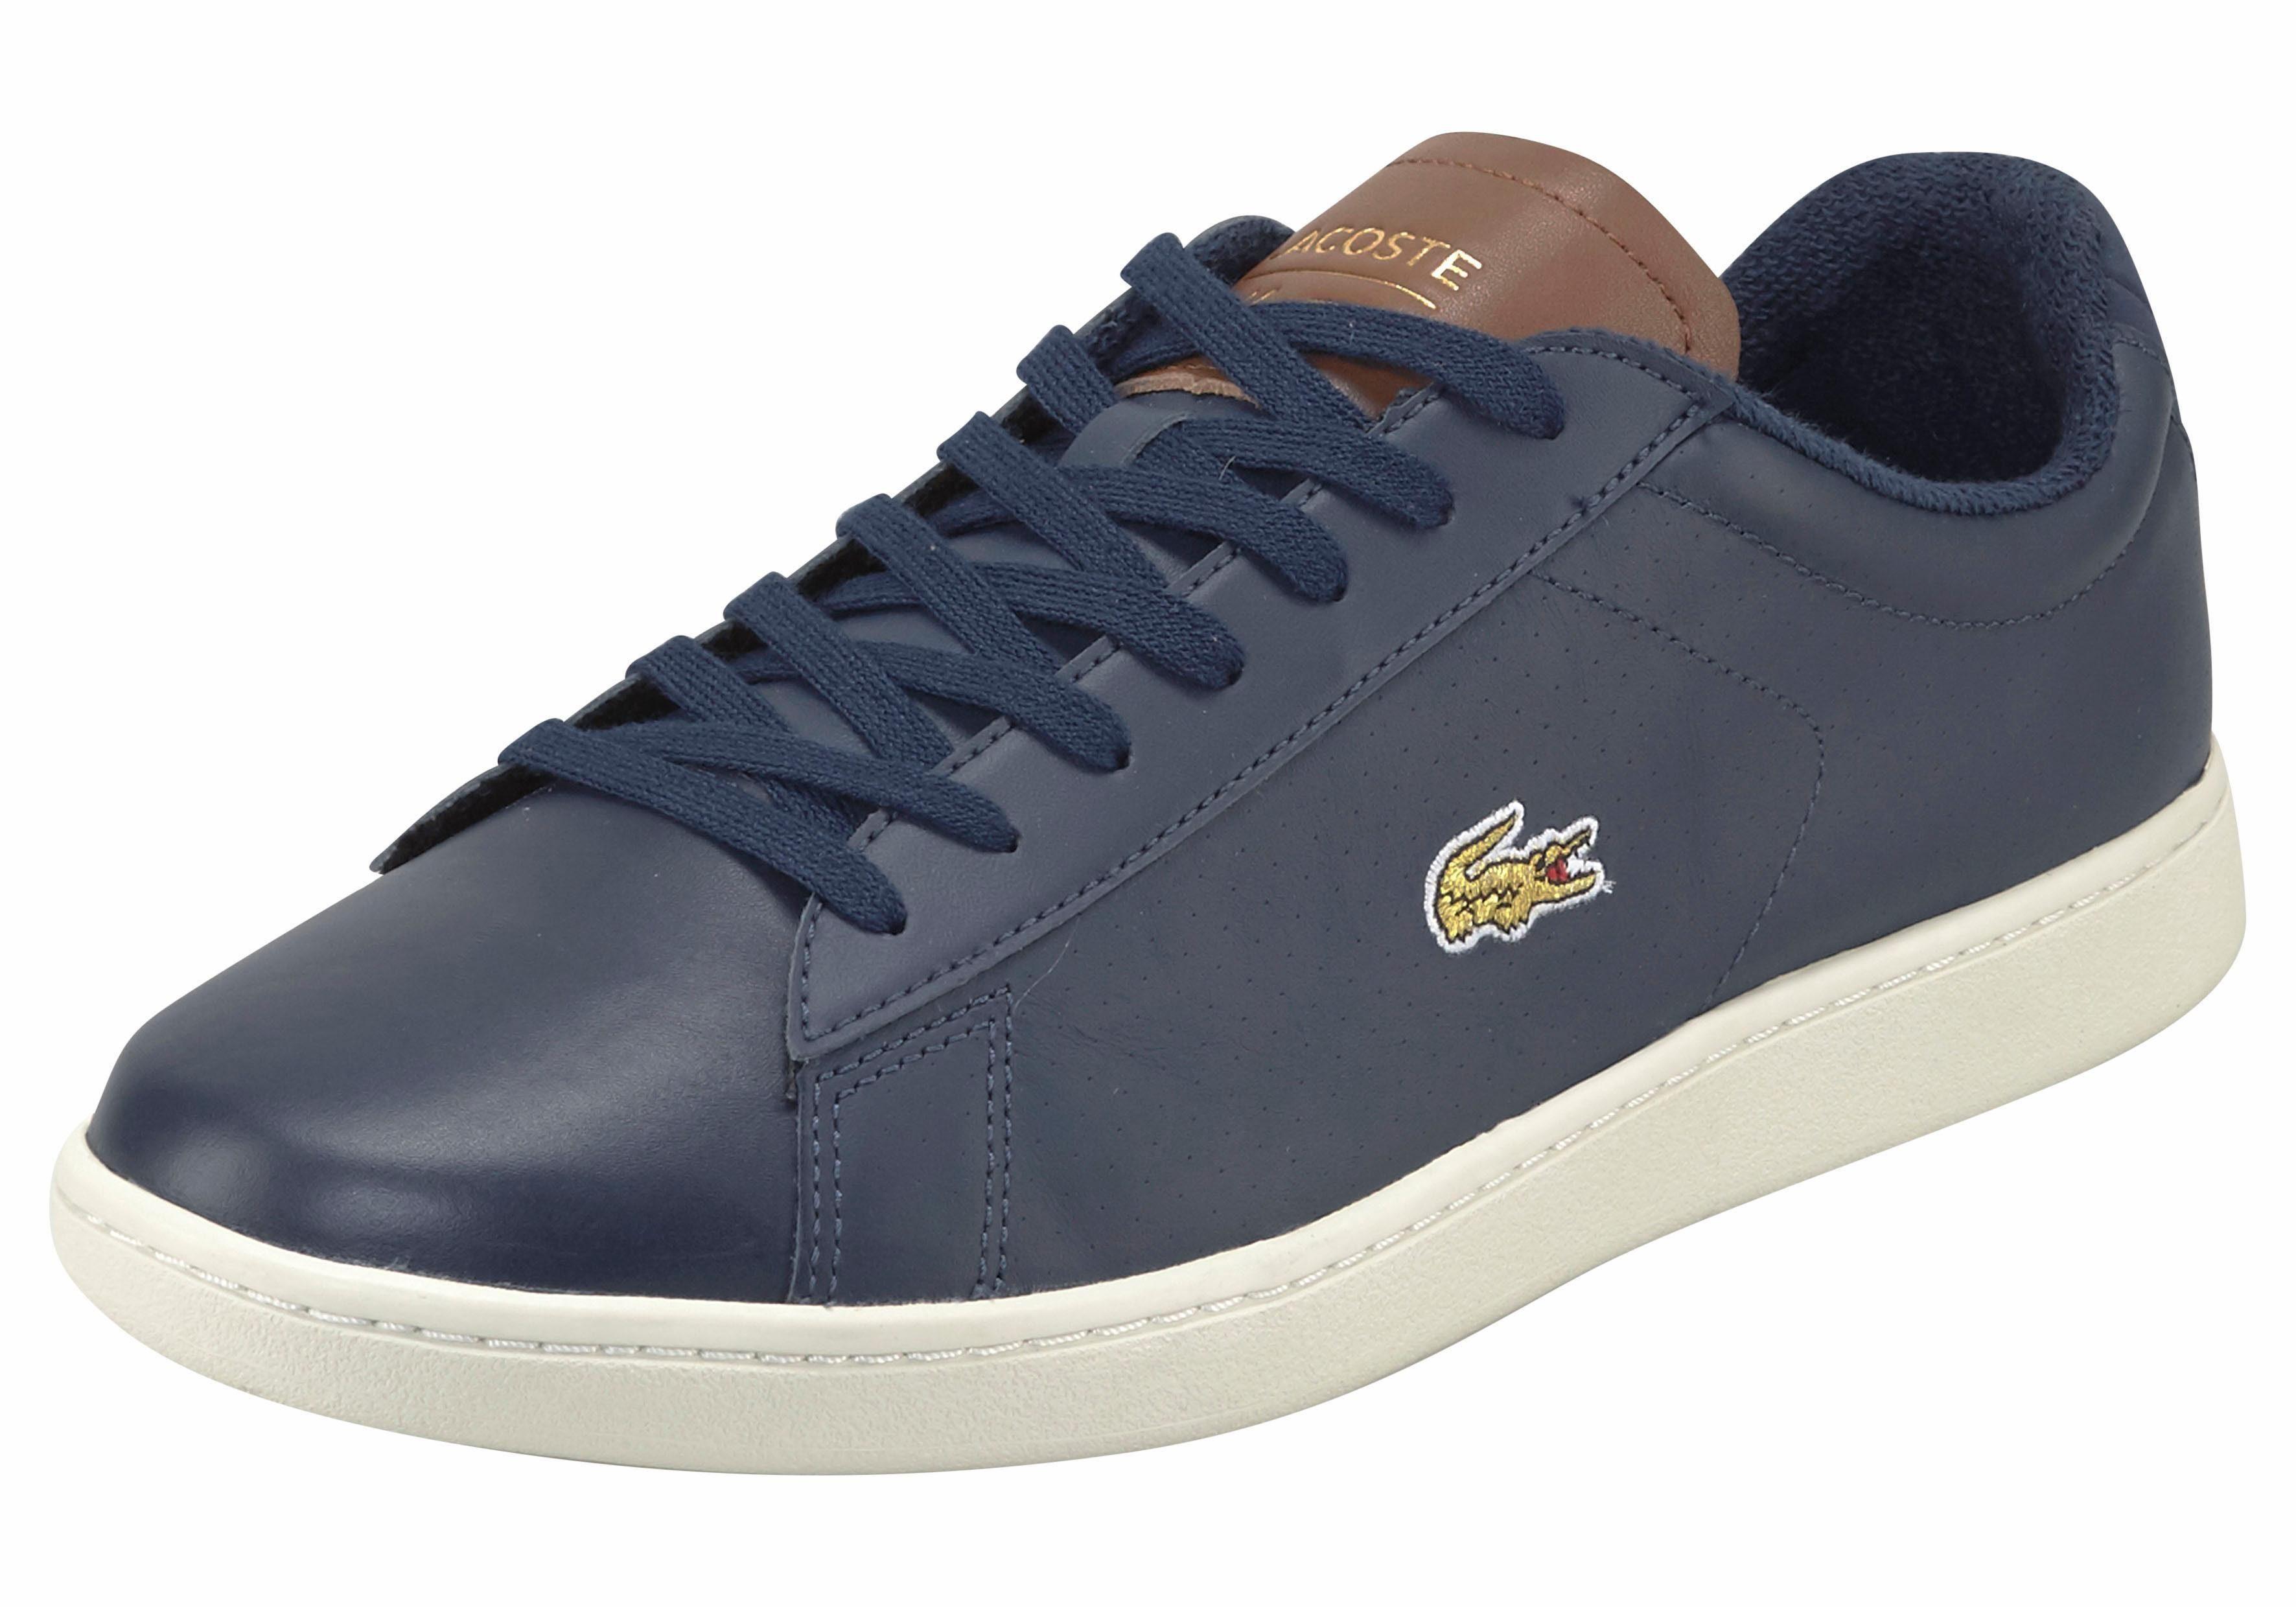 Lacoste Carnaby Evo 317 6 Sneaker online kaufen  dunkelblau-braun